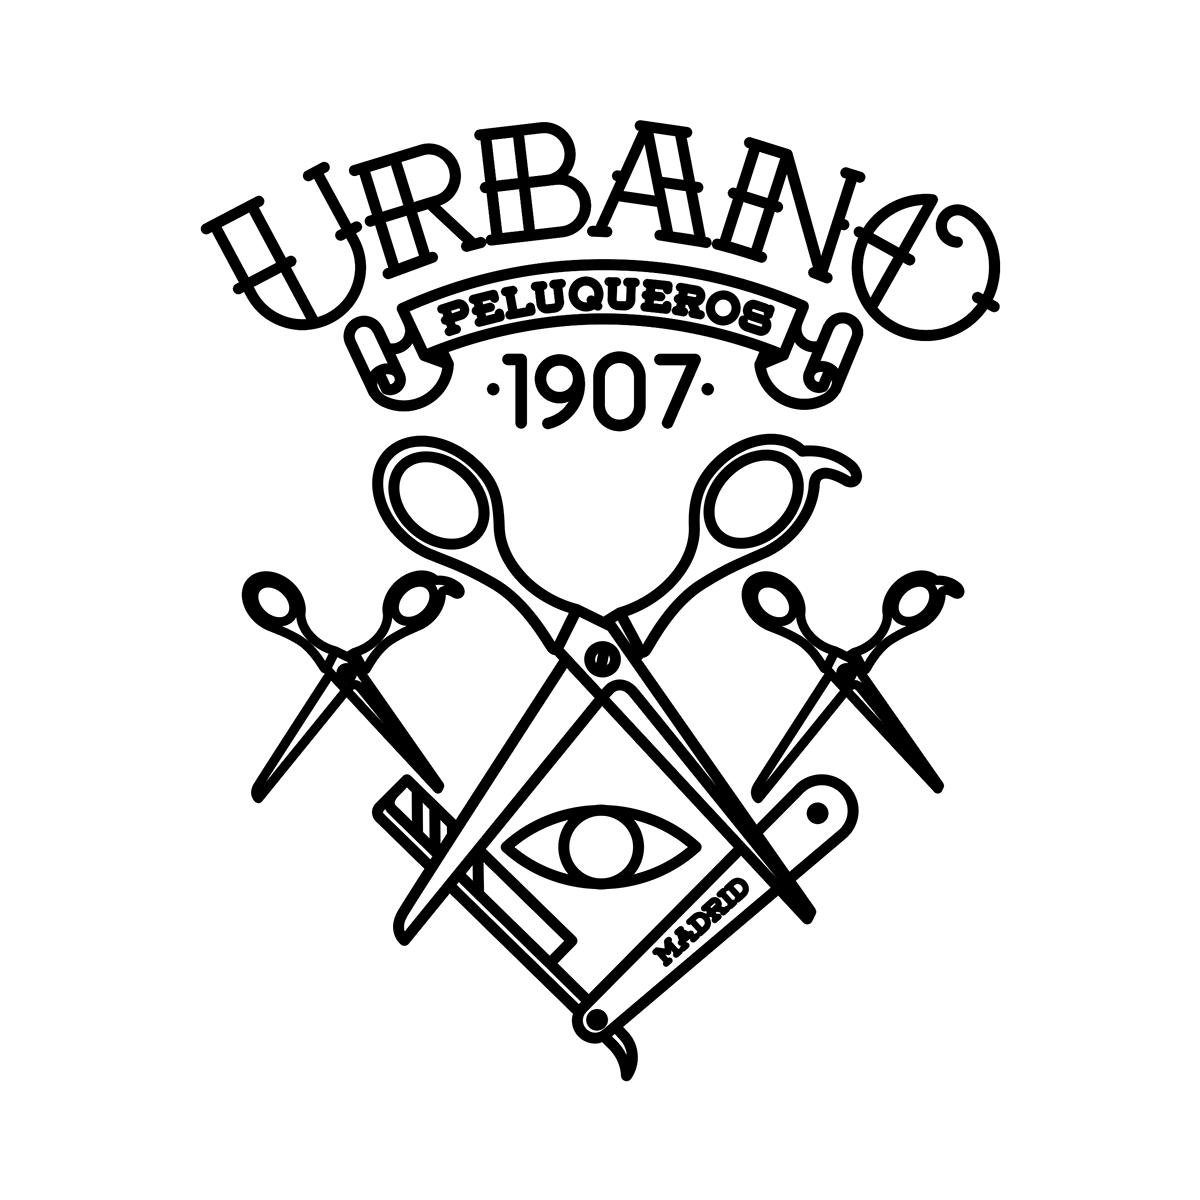 Urbano Peluqueros on Behance